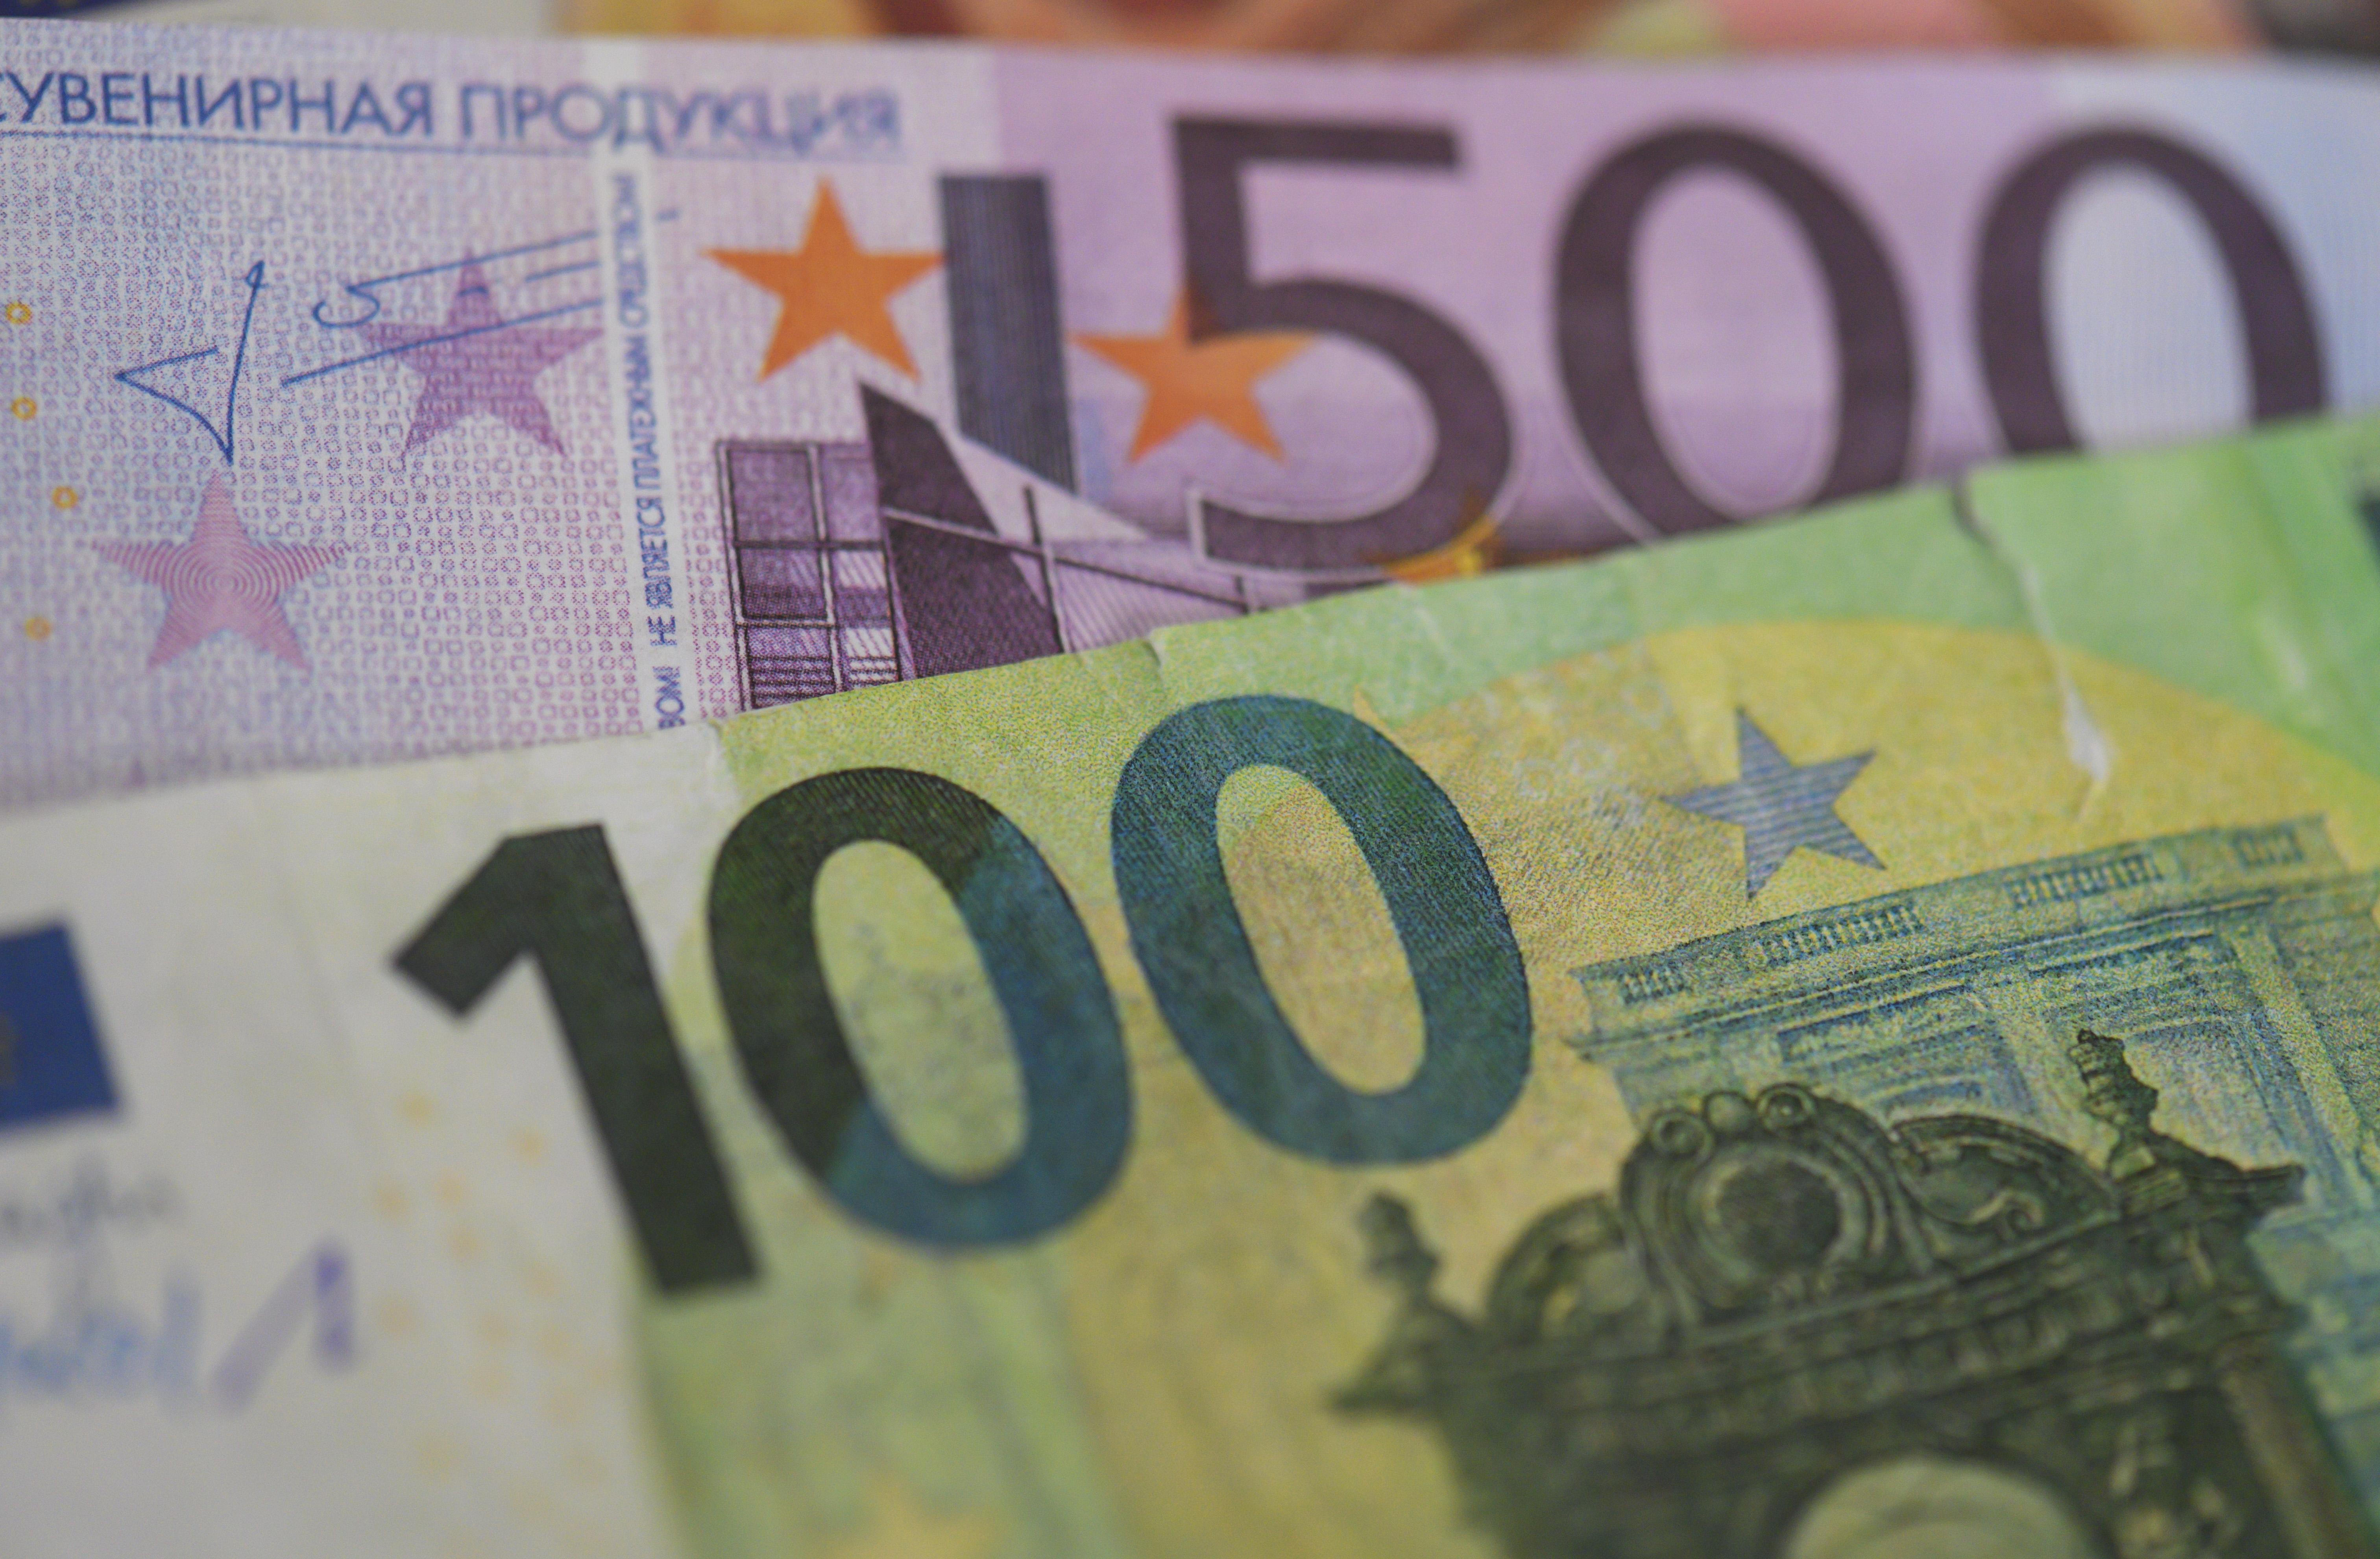 Counterfeit euro money